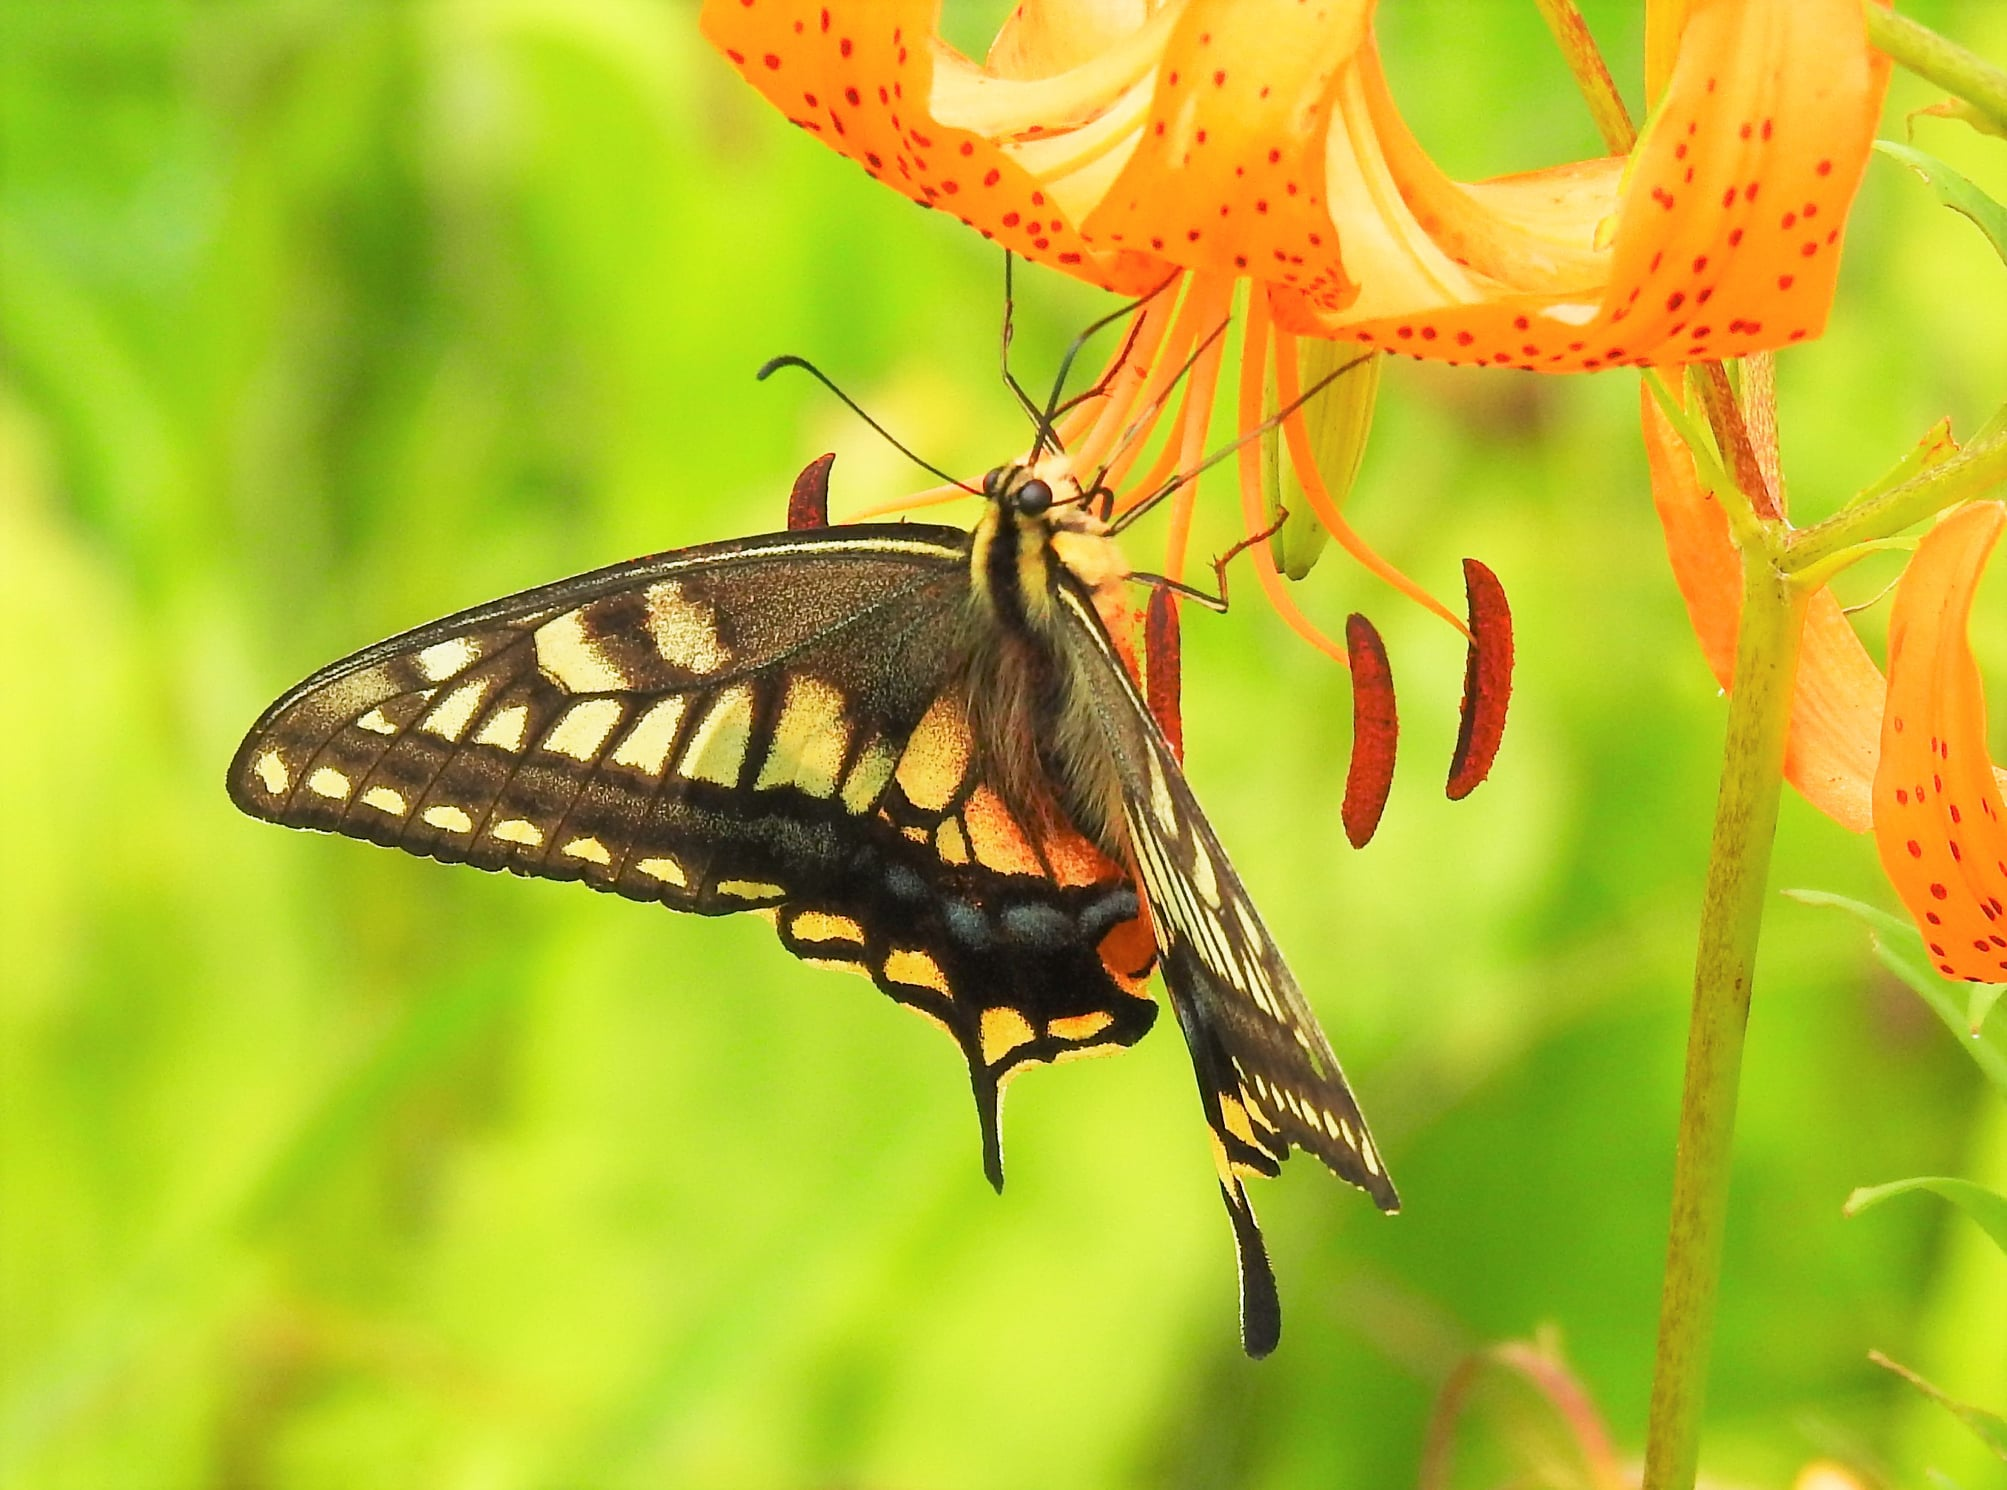 キアゲハも飛来 ・大型のチョウ 湿原ではよく目につきます。